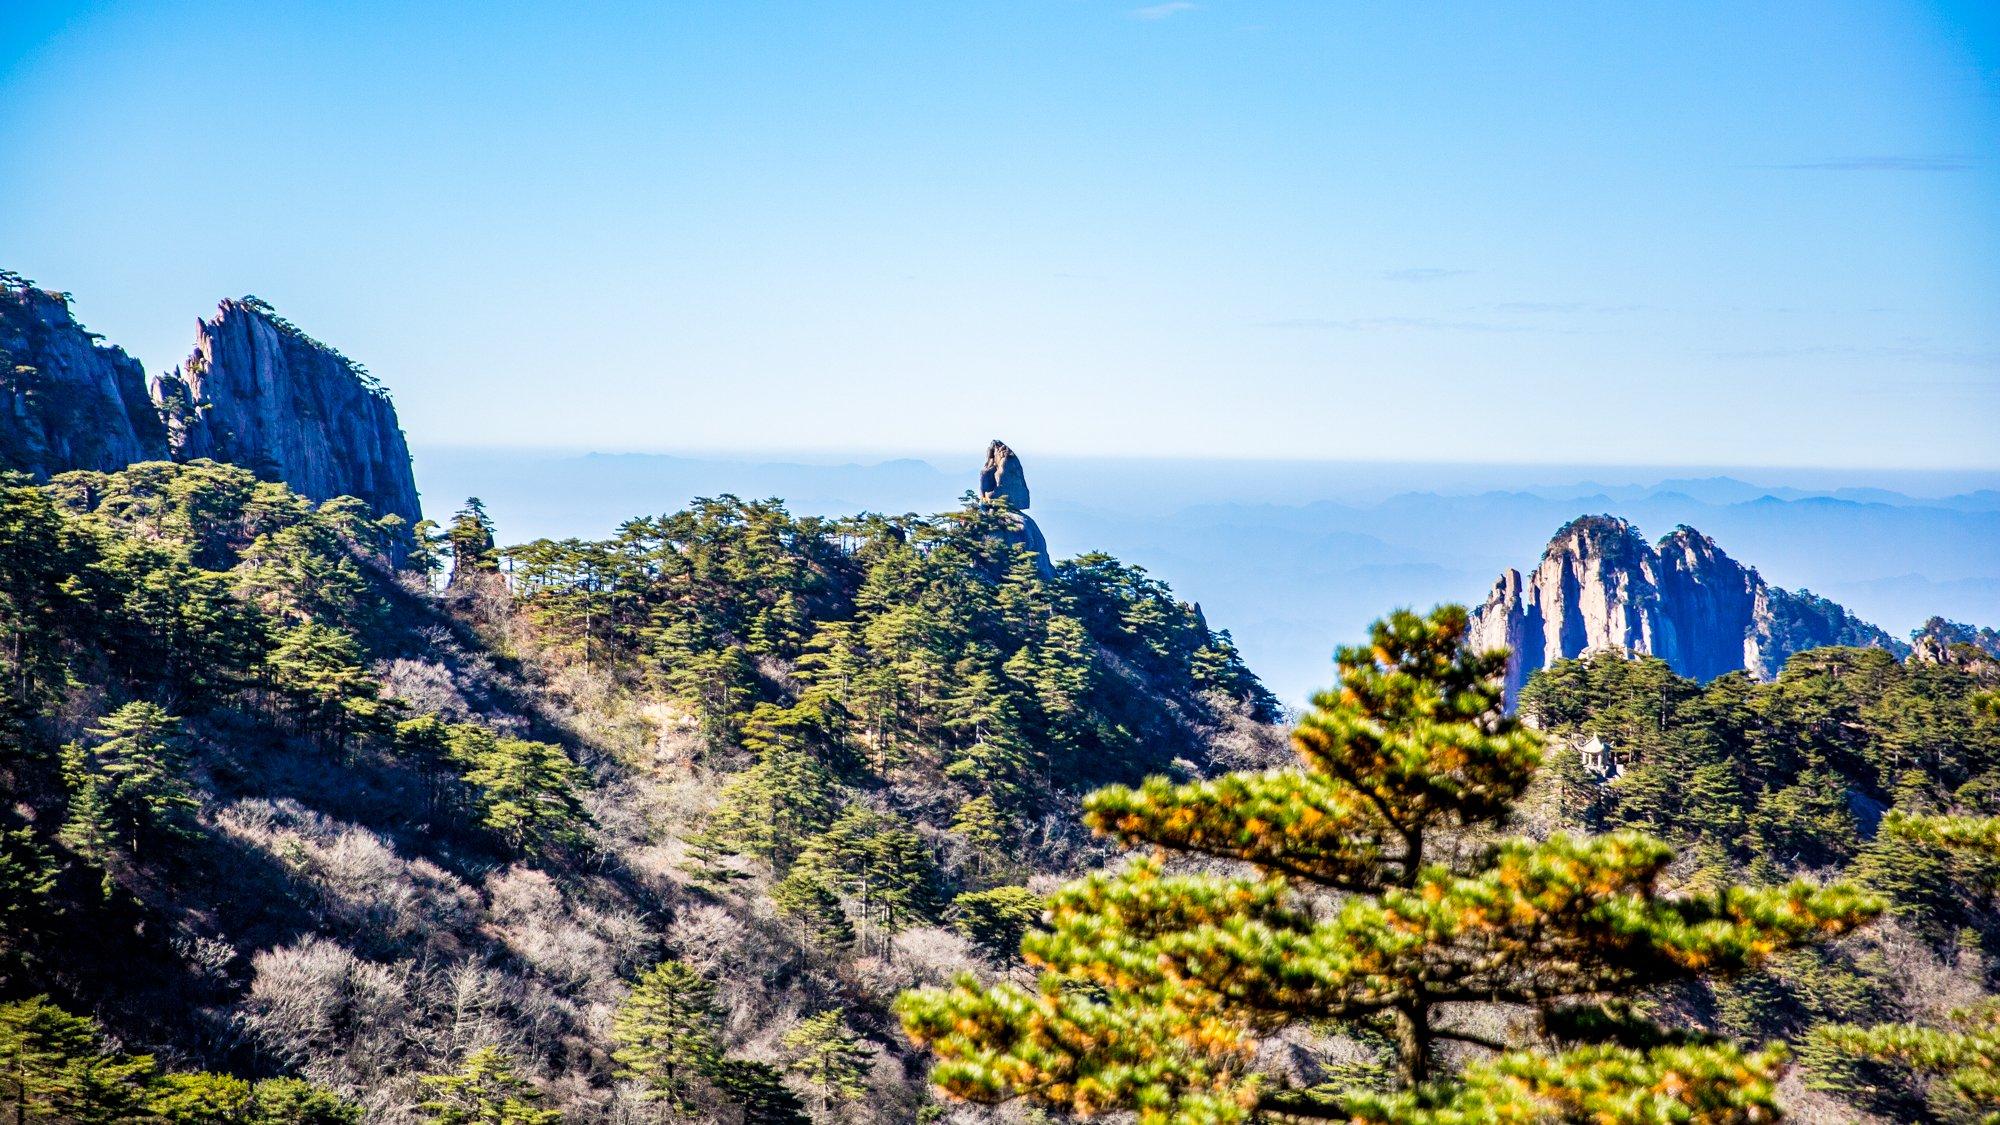 远处就是仙桃石,它位于黄山玉屏景区,从棋石峰西麓眺望.见它上尖下圆.